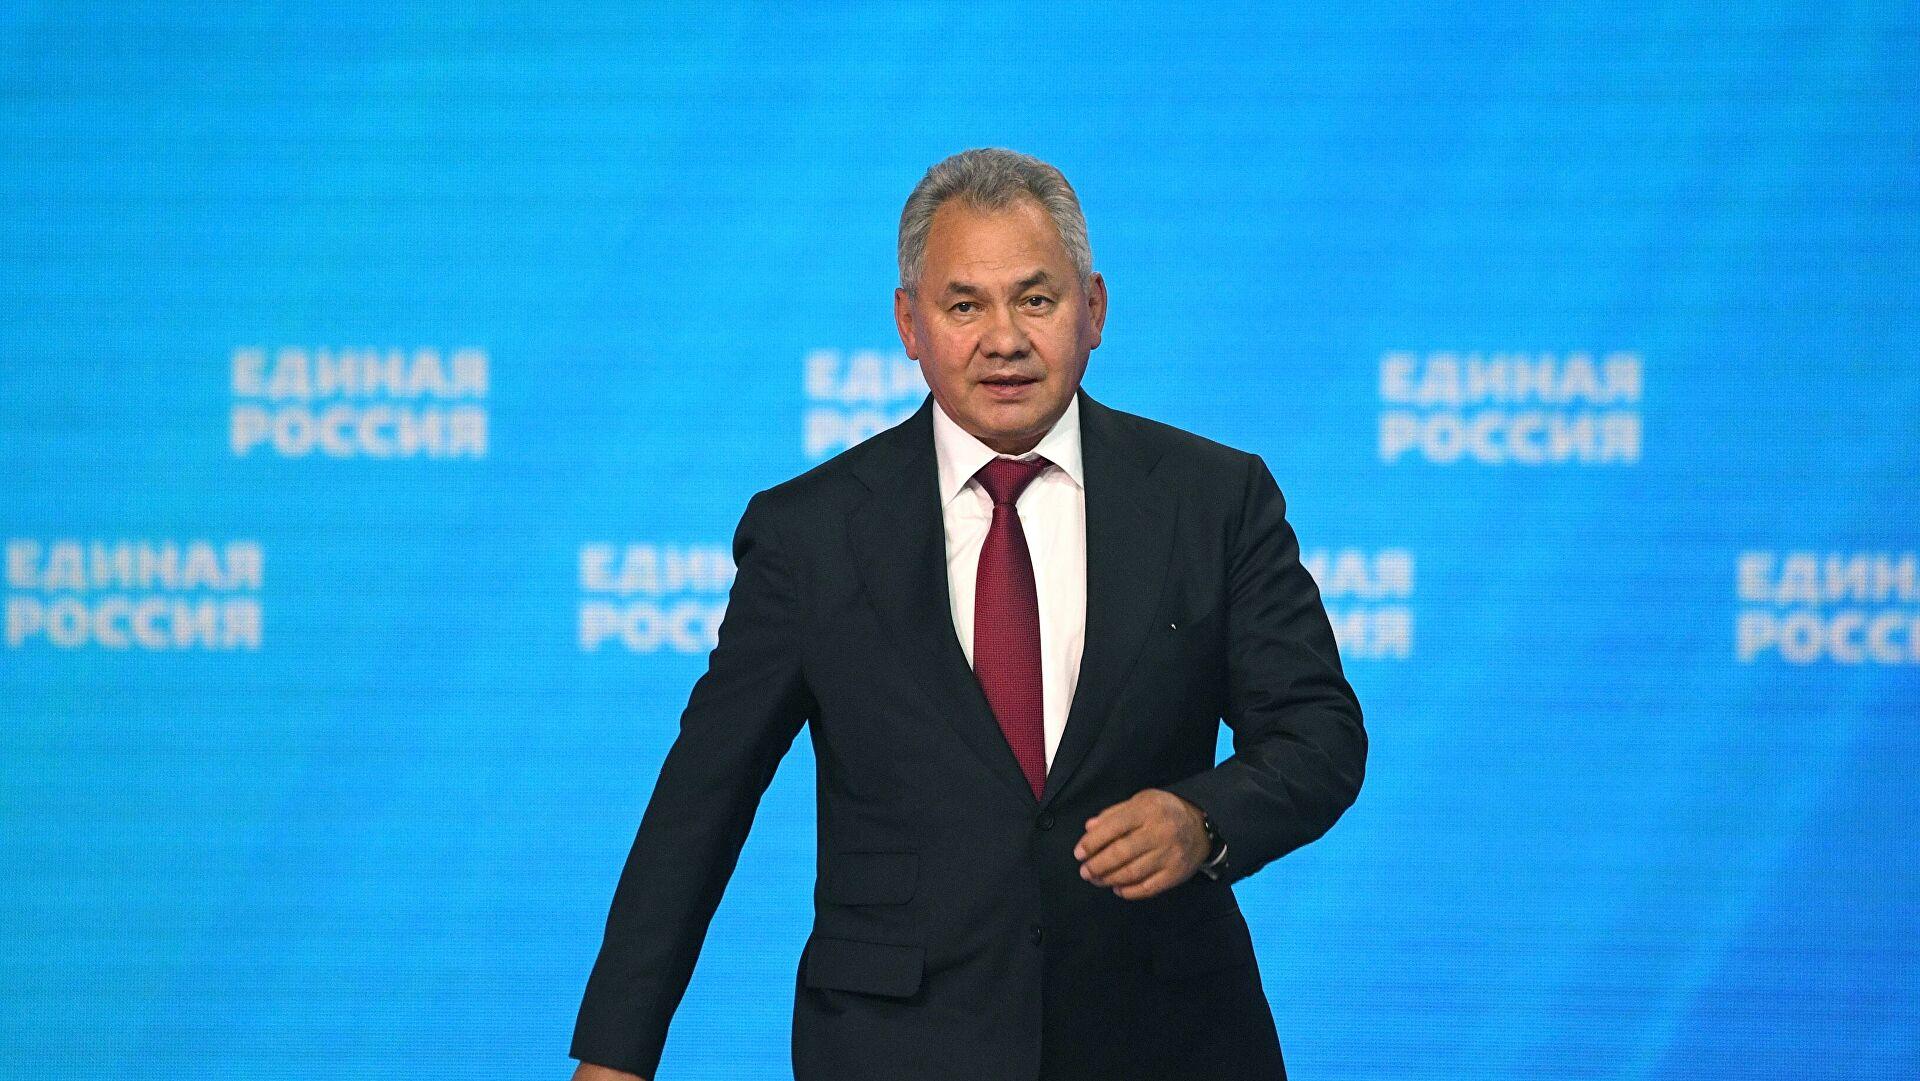 Шојгу: Украјина не представља претњу Русији